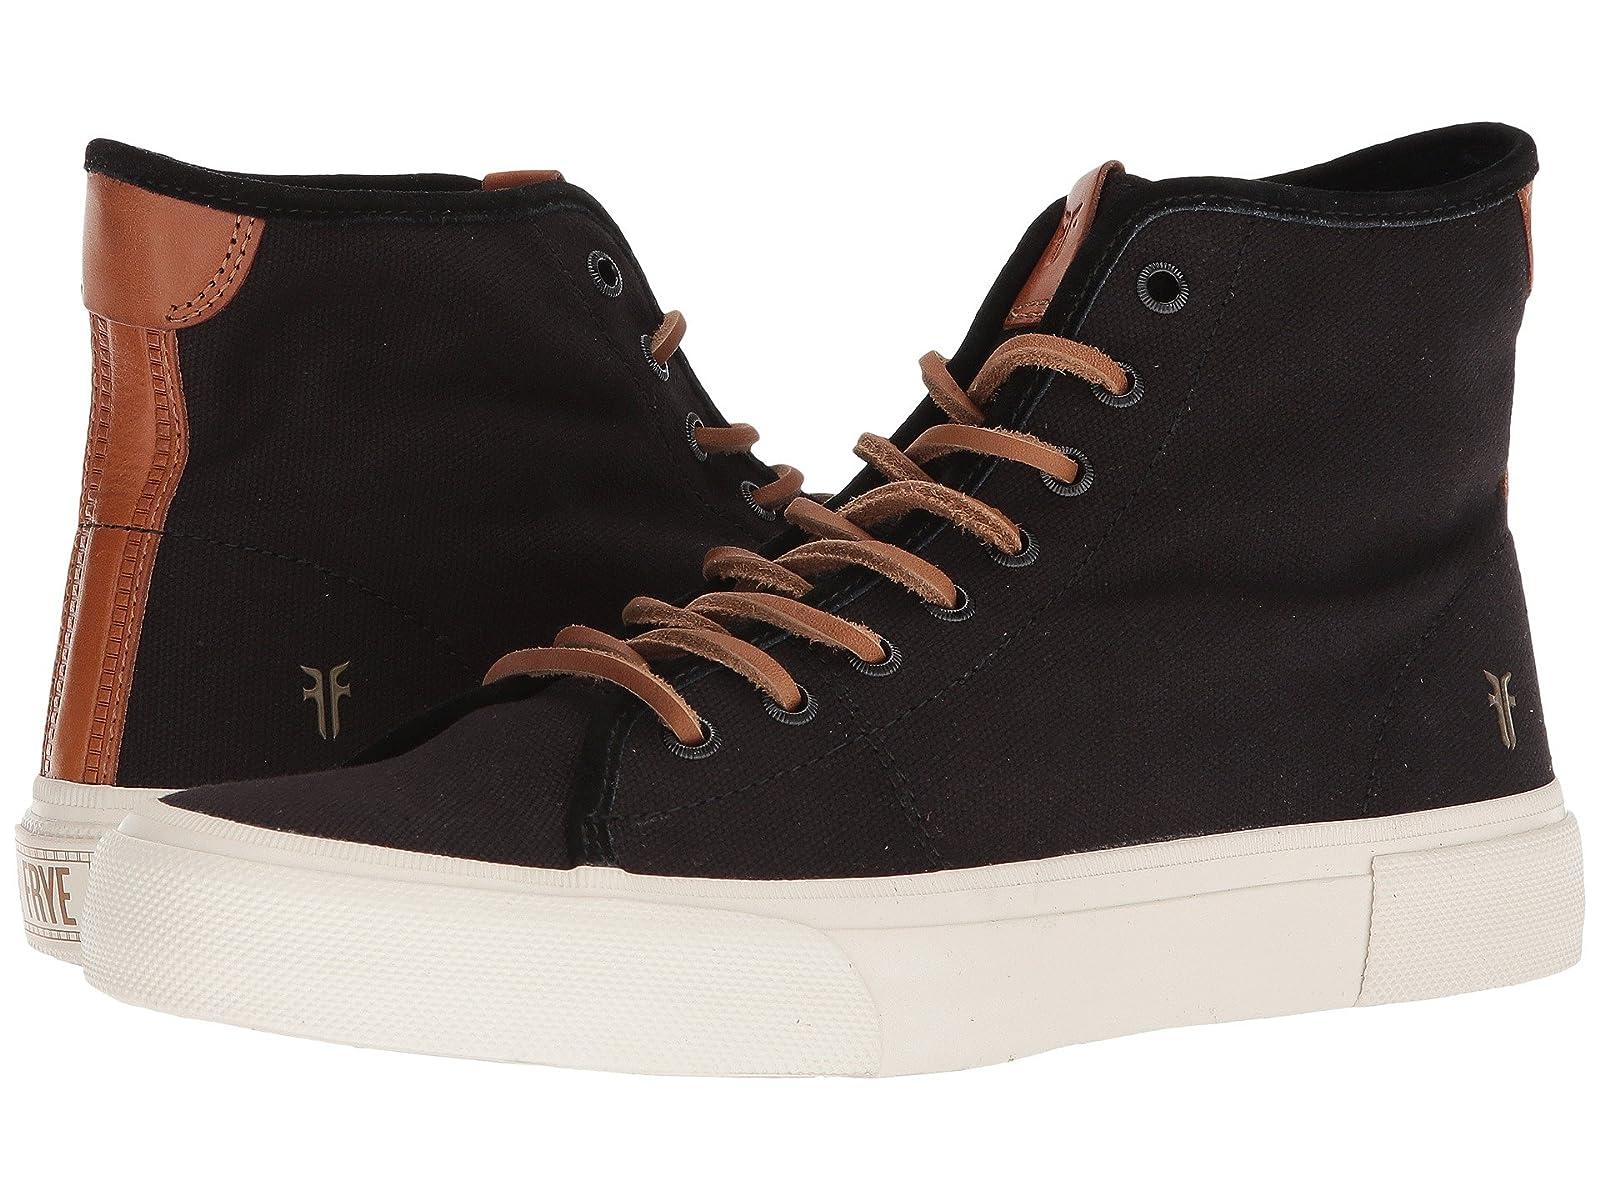 Frye Ludlow HighAtmospheric grades have affordable shoes